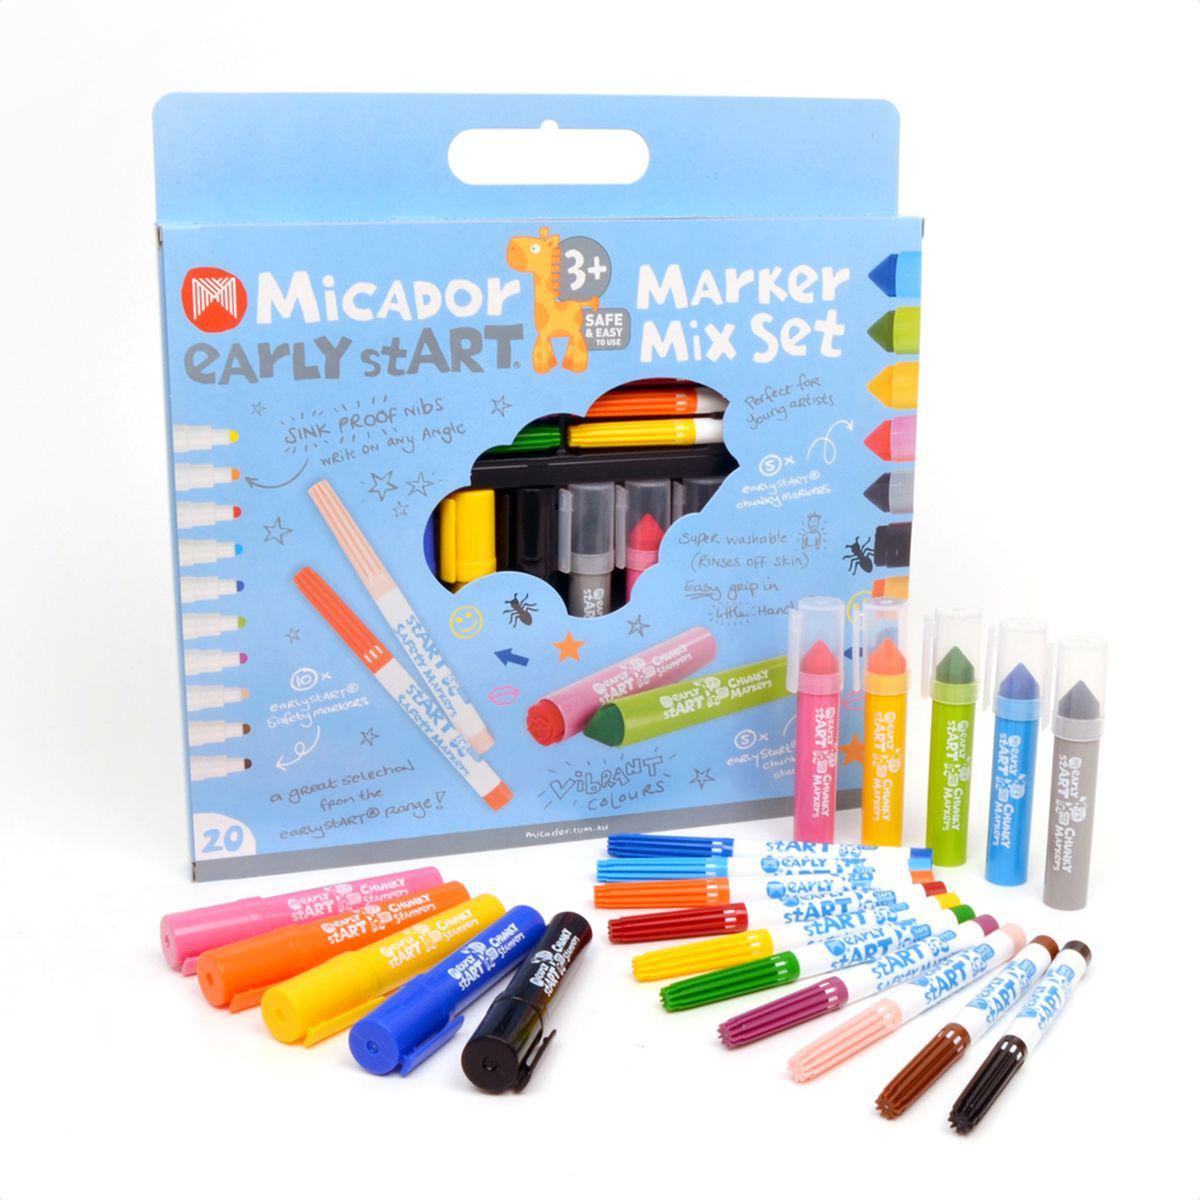 Micador Набор фломастеров и штампиков для малышей 10 предметовM044908Набор для маленьких художников Micador включает в себя 10 фломастеров для малышей с закругленным стержнем, 5 коротких фломастеров с самой удобной формой для маленьких ладошек и 5 забавных штампиков, чтобы дополнить рисунки.Специальный наконечник фломастеров позволяет малышам рисовать под любым углом. Насыщенные цвета остаются яркими на бумаге даже после высыхания чернил.Вентилируемый колпачок предотвращает высыхание чернил. Не высыхают до 8 недель. Сухие фломастеры можно легко восстановить, опустив наконечник в воду. Фломастеры не содержат спирта, растворителей, токсичных веществ, поэтому полностью безопасны для маленьких детей.Следы от фломастеров легко отстирываются от любой поверхности даже в холодной воде. Рисование развивает творческие способности, воображение, логику, память, мышление.